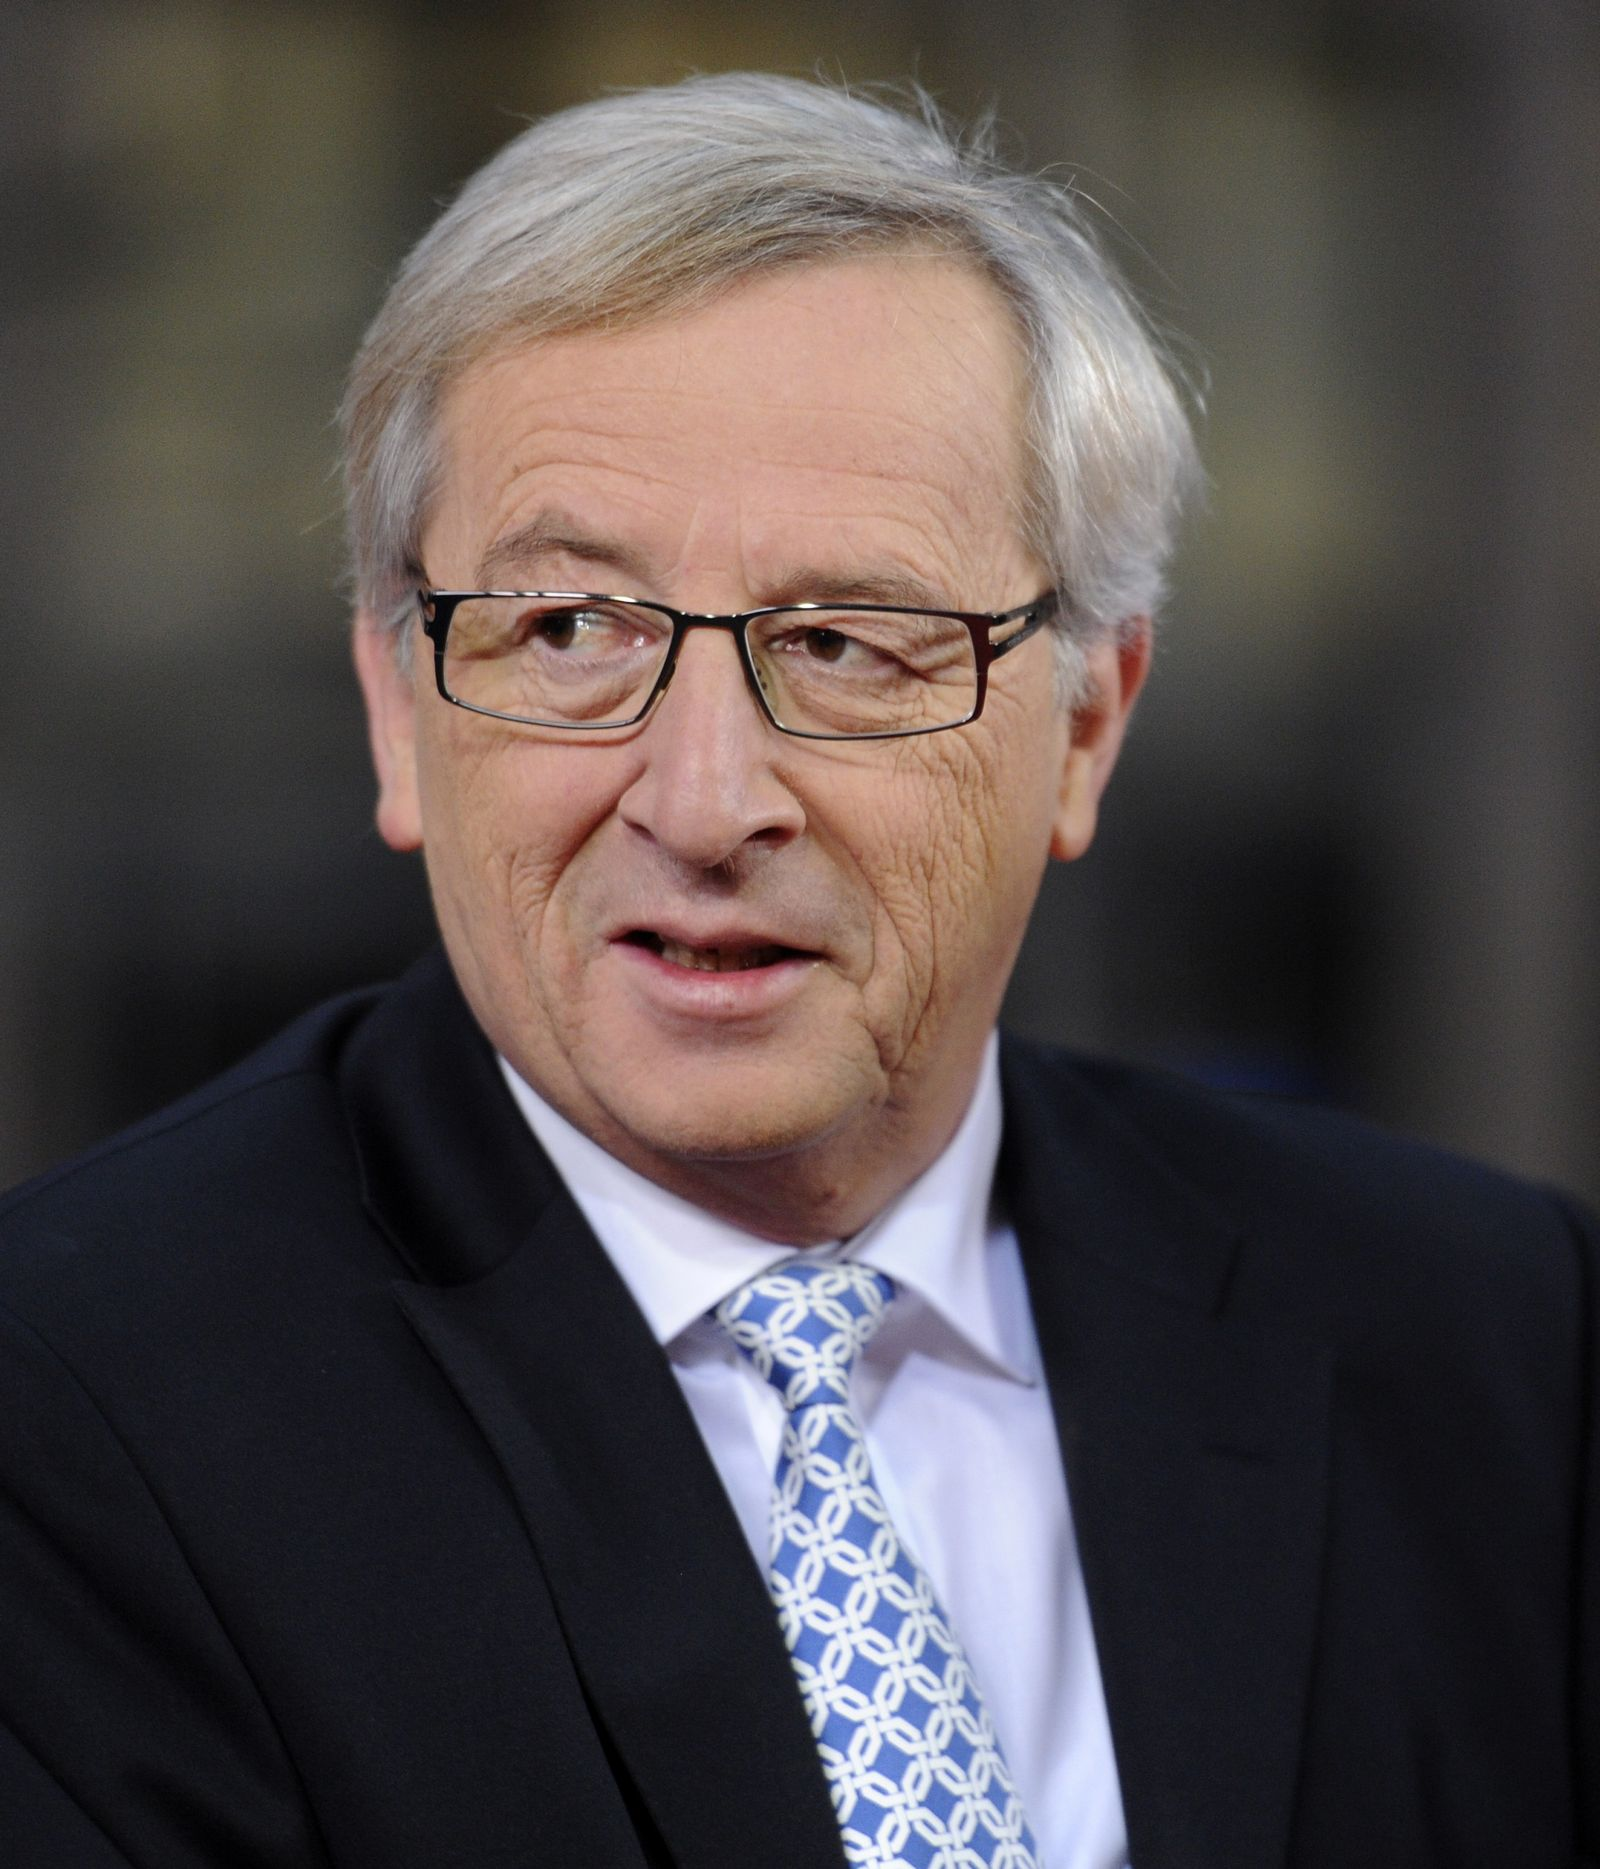 NICHT VERWENDEN Jean-Claude Juncker